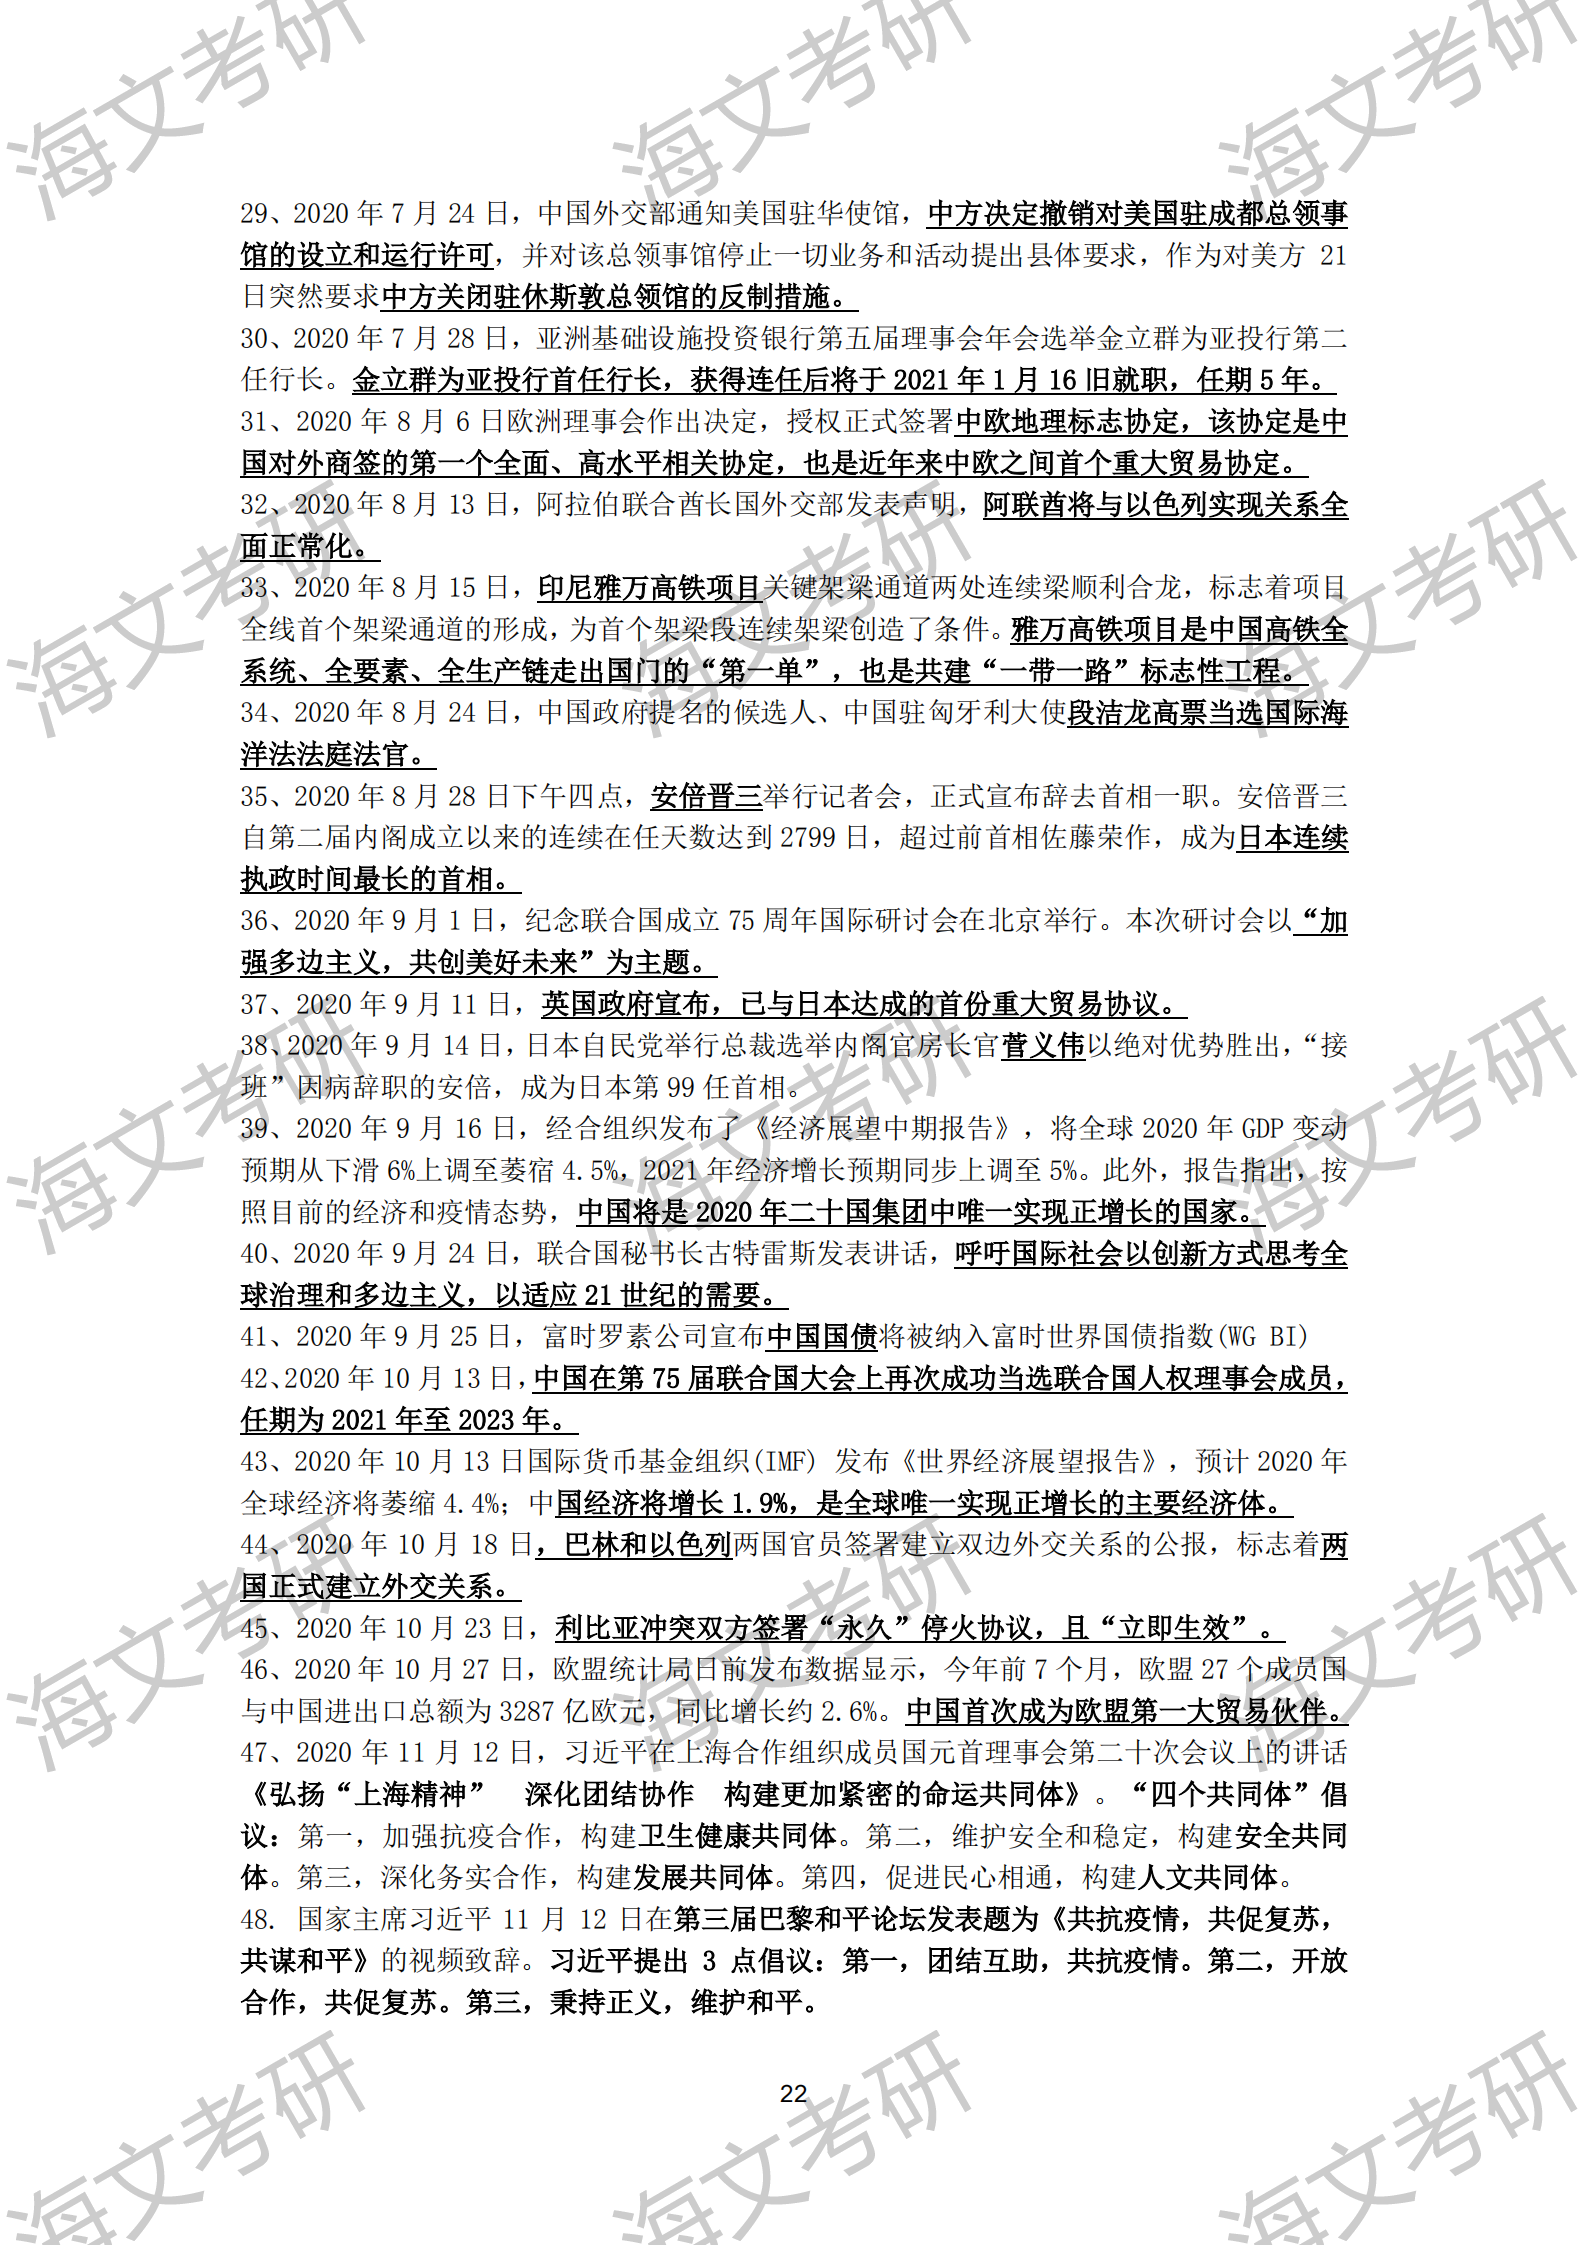 【考研政治】2021考研政治考前必背(用于冲刺全科)_21.png